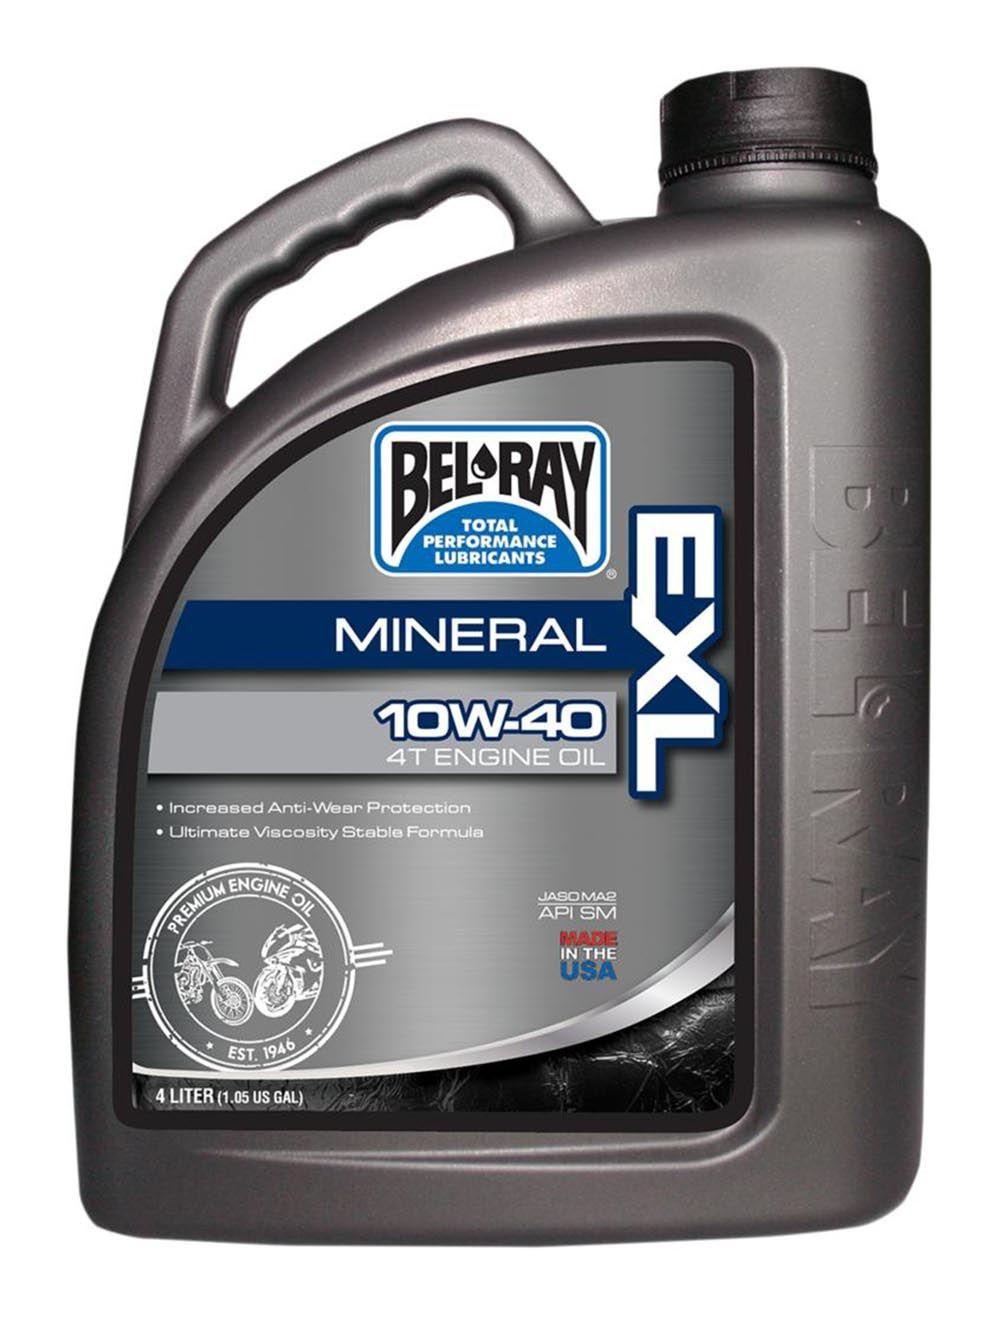 Bel-Ray EXL Mineral 4T Oil 10W-40-4 Liter